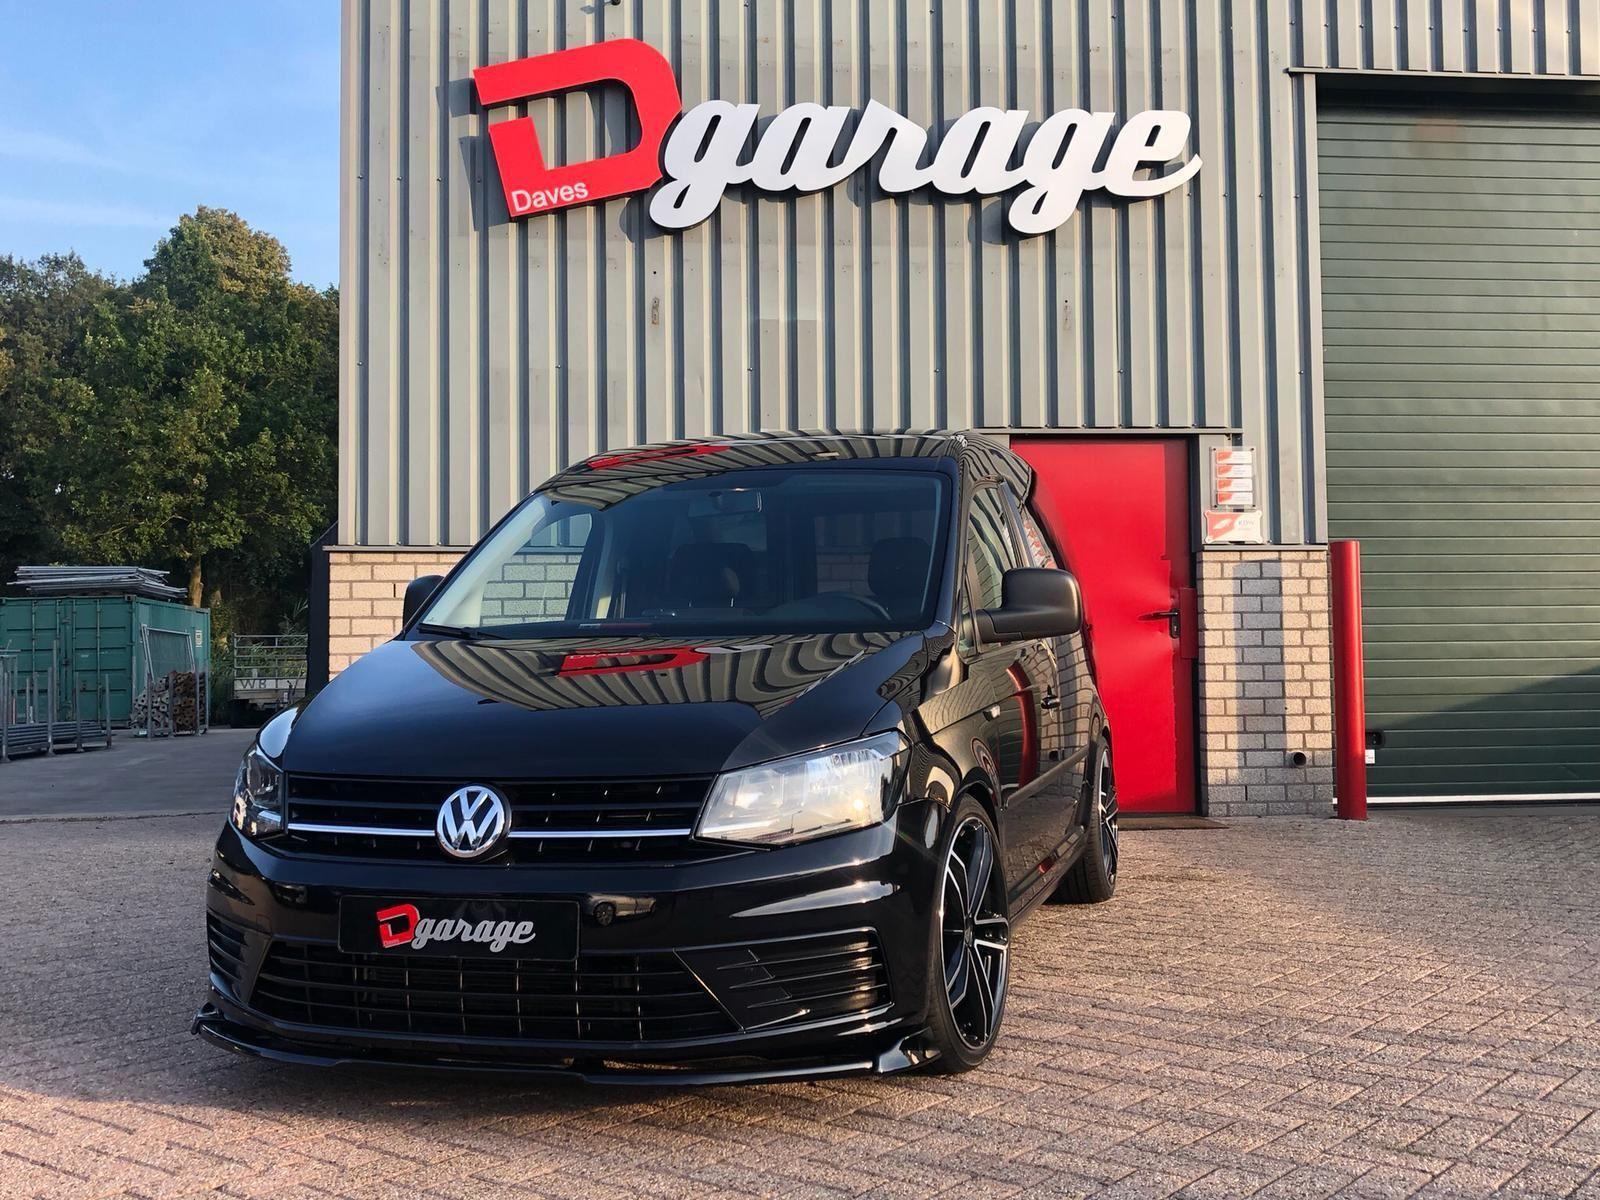 Volkswagen Caddy occasion - Dave's Garage